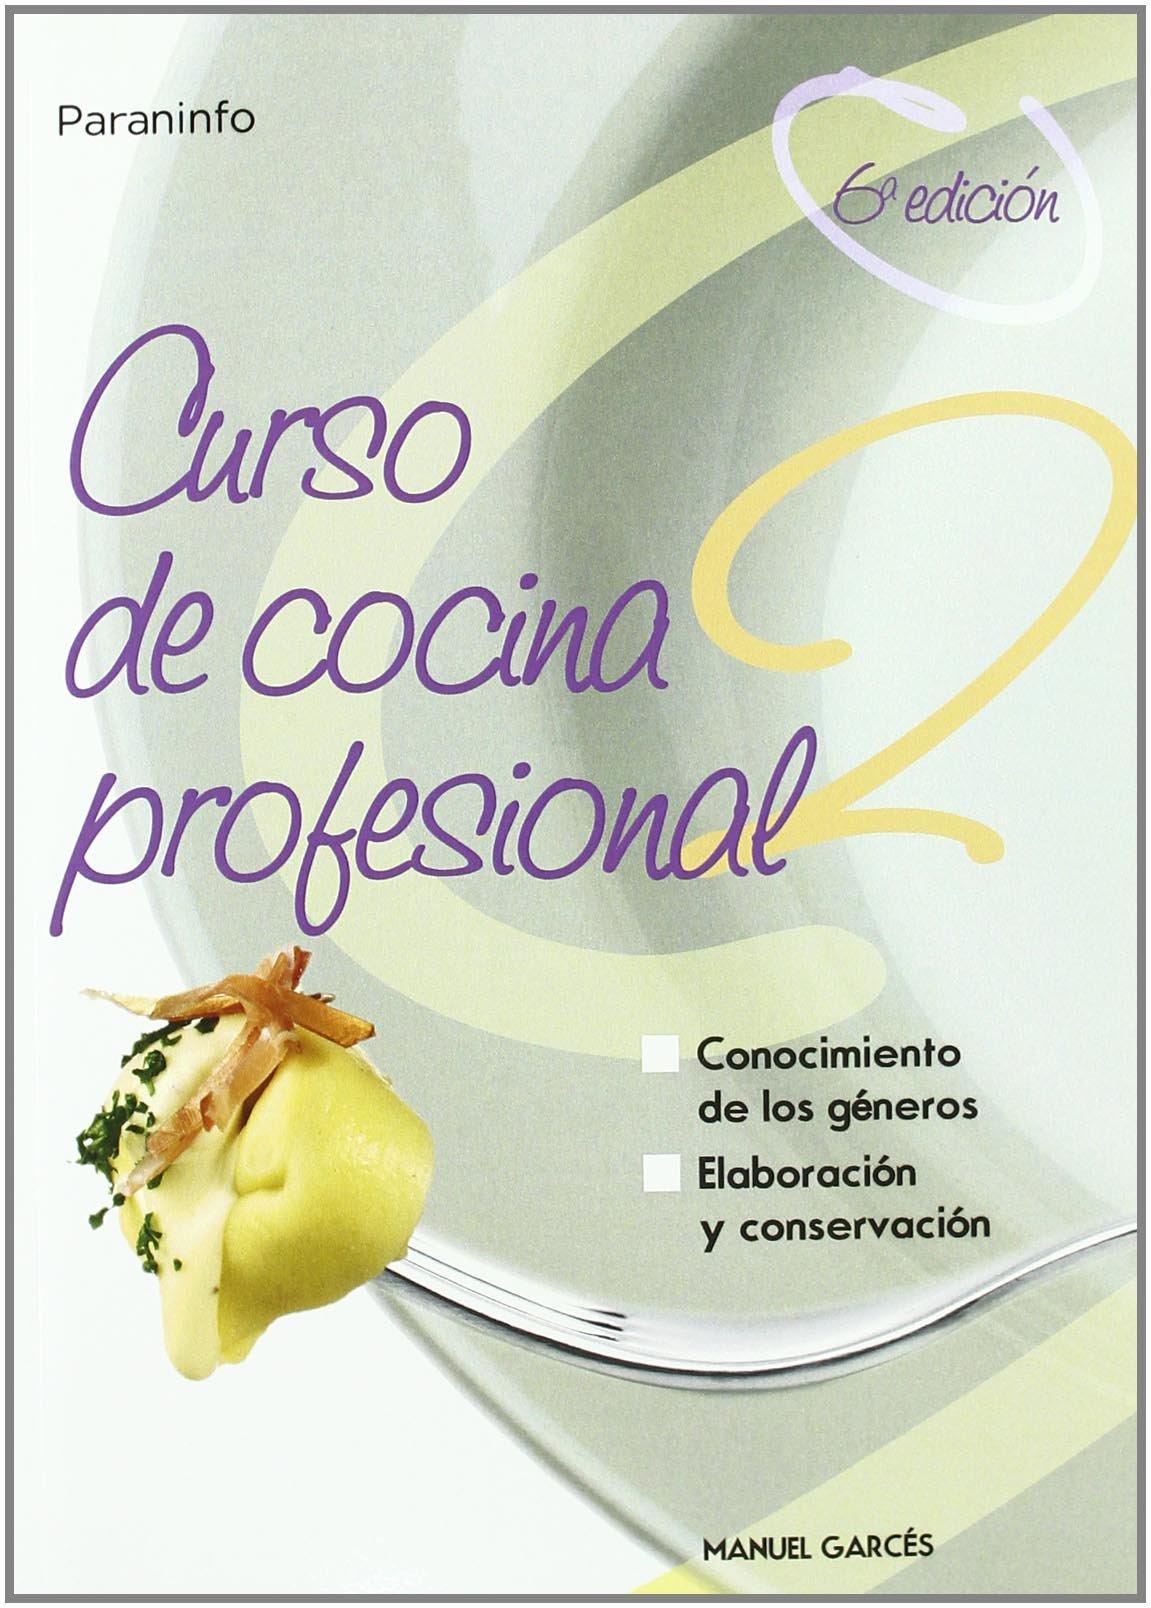 Curso de Cocina Profesional 2 (Spanish Edition) by Paraninfo